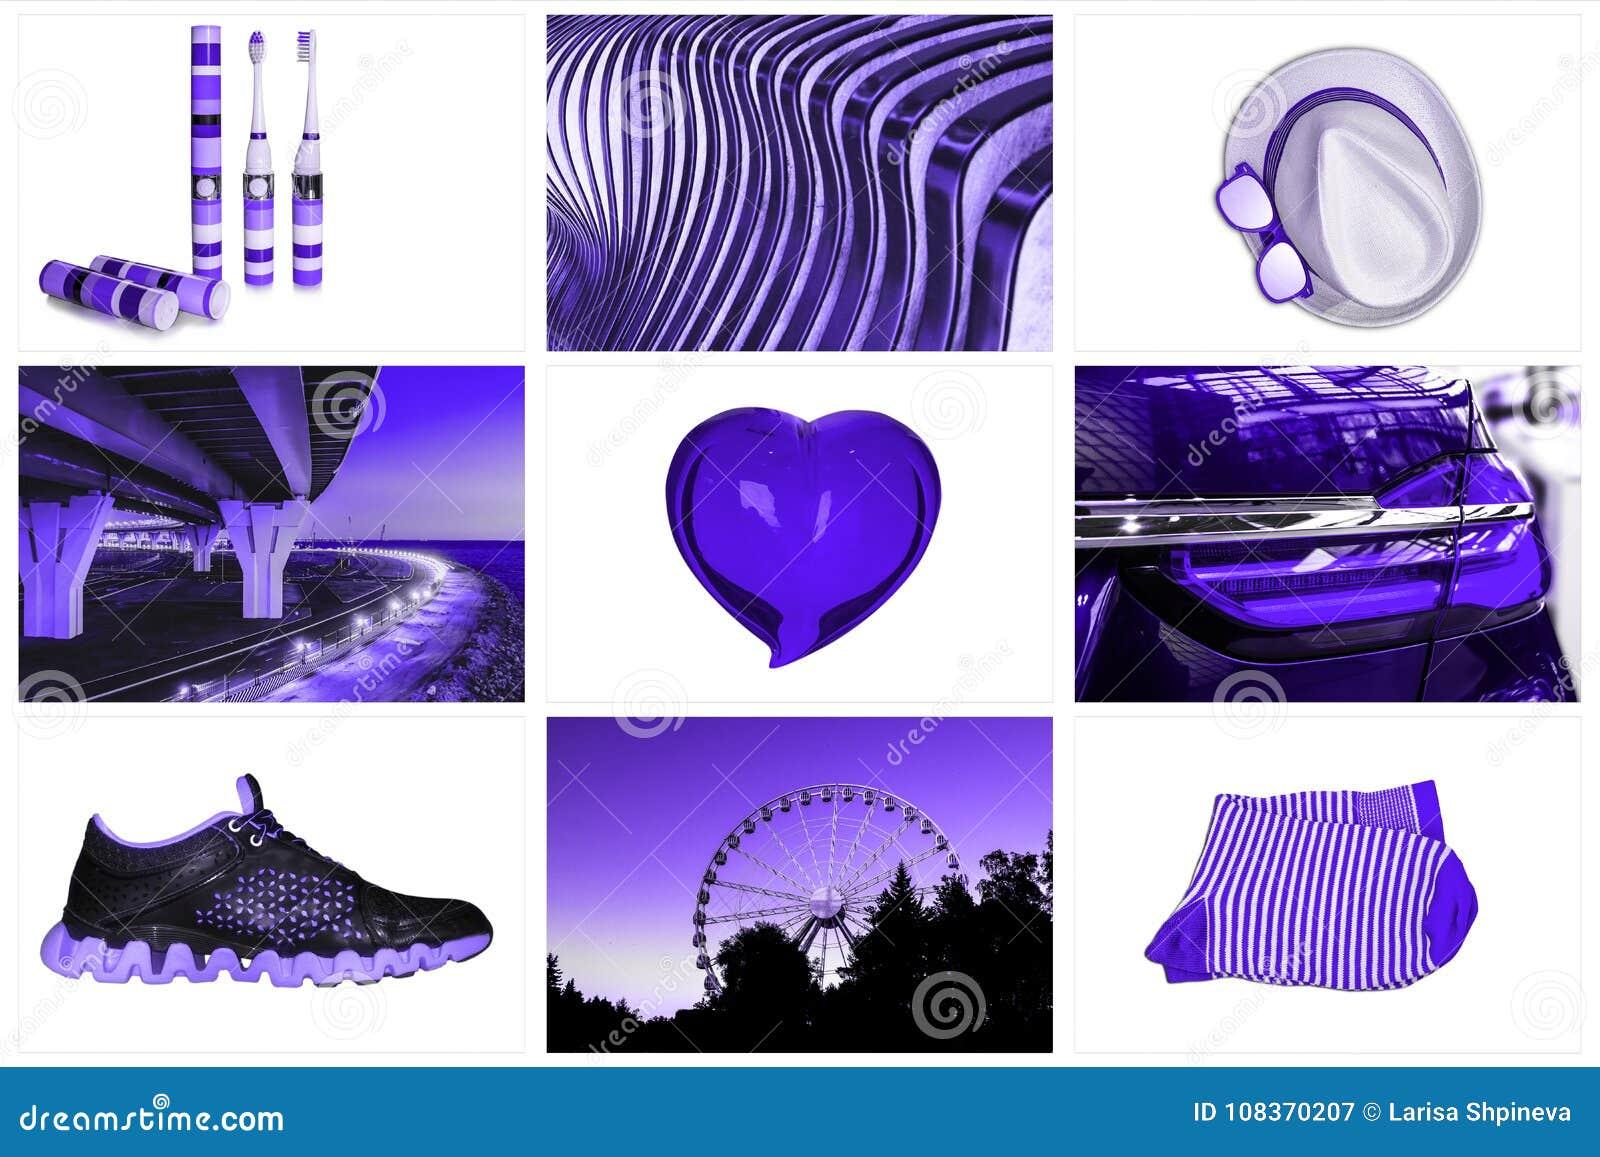 Collage des accessoires de mode un coeur en verre, un chapeau, brosses à dents, chaussettes, espadrilles, ponts, une couleur de t